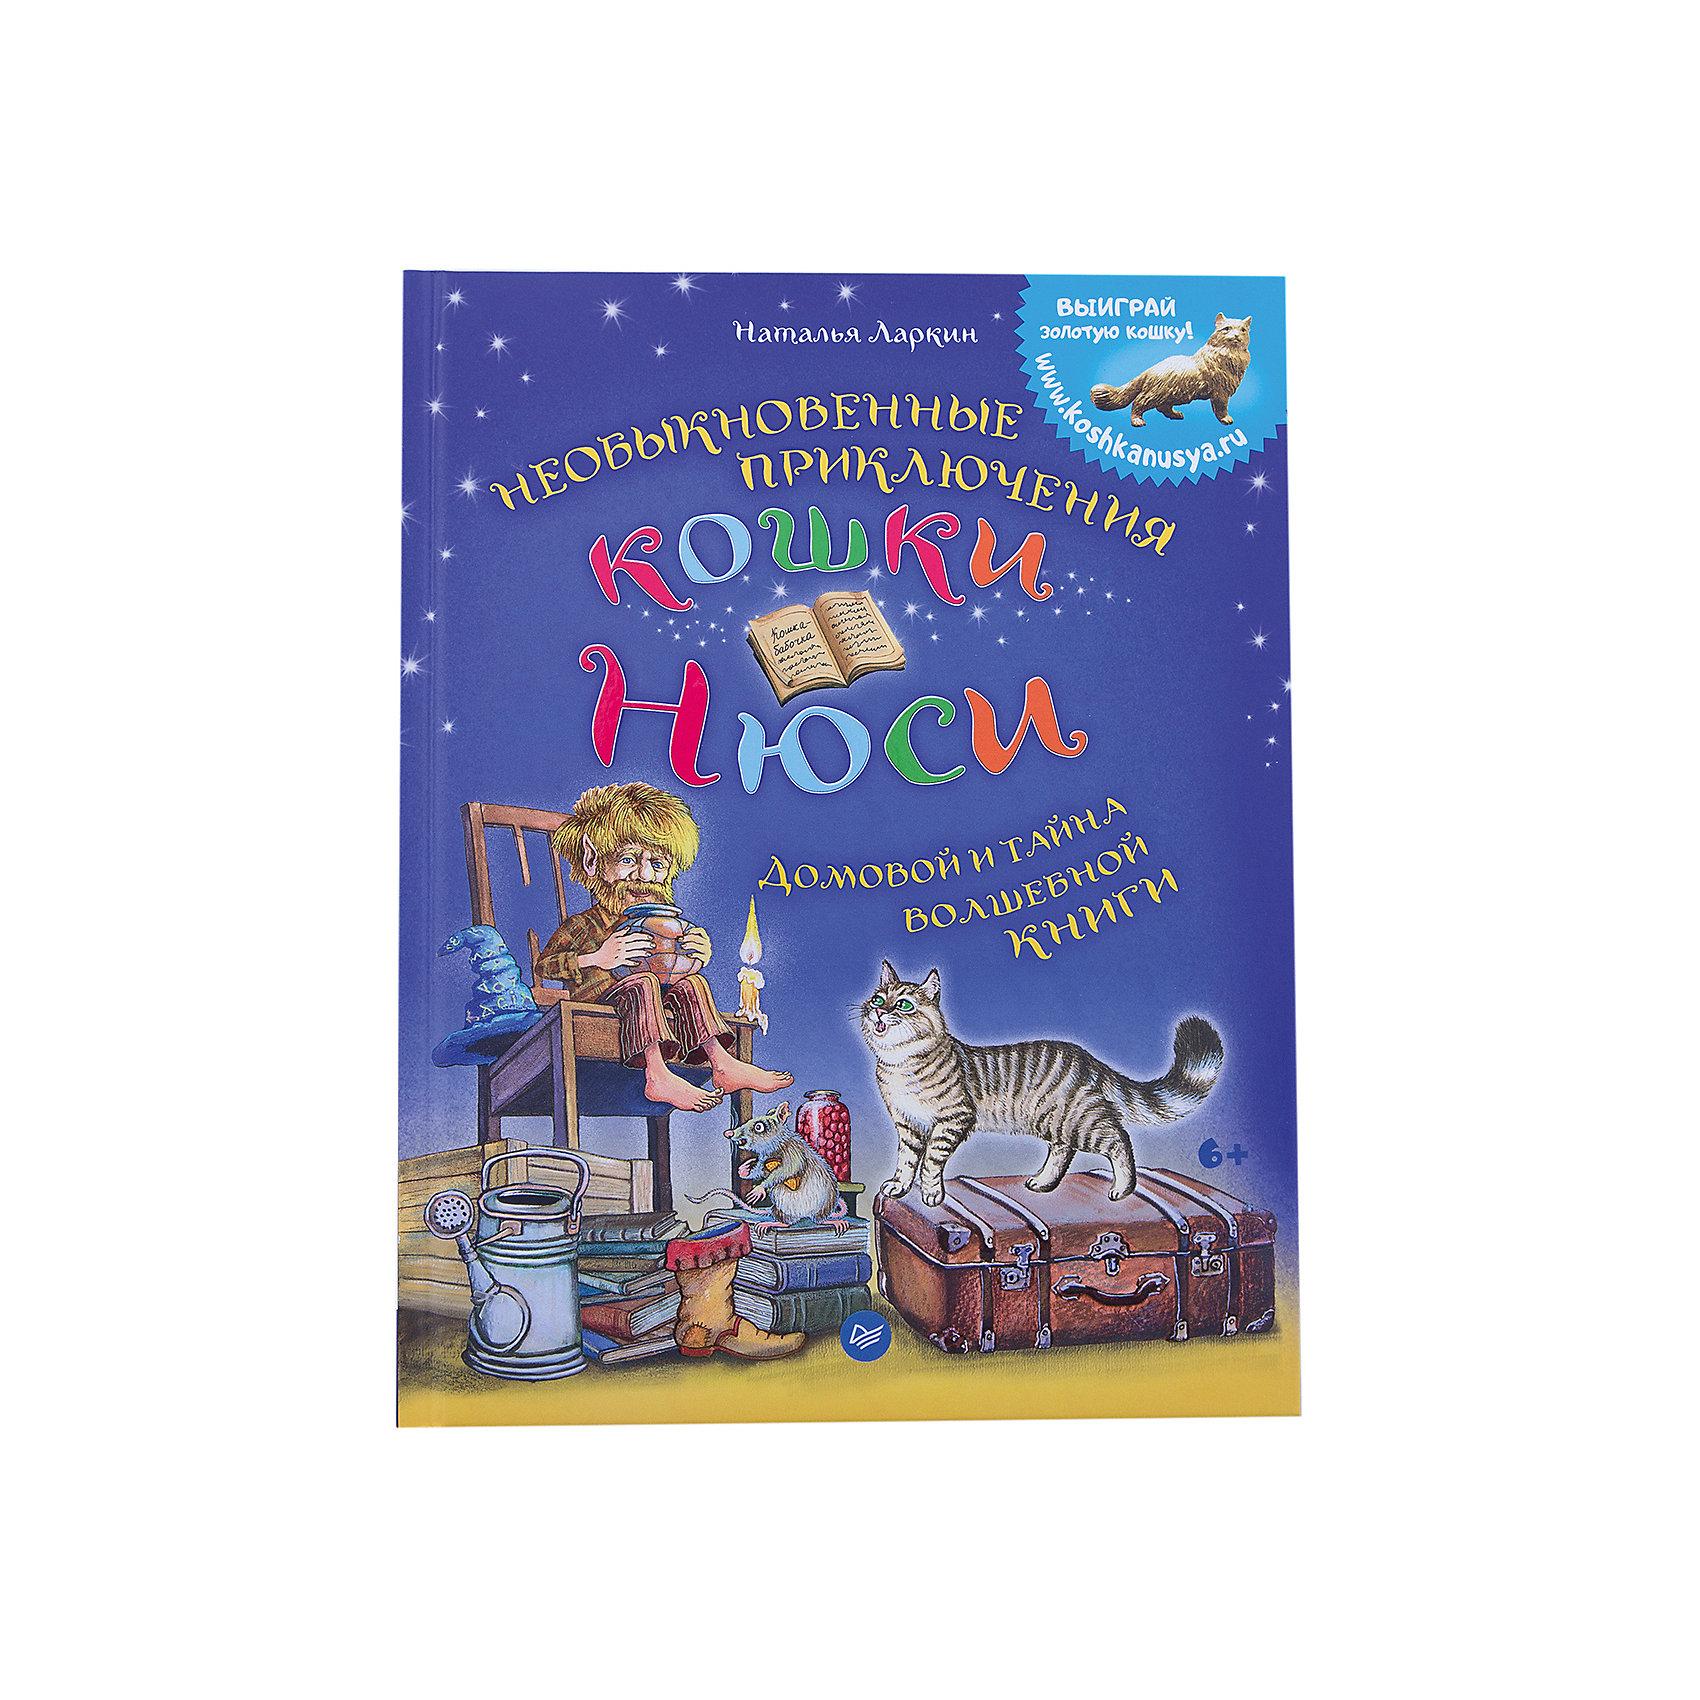 Необыкновенные приключения кошки Нюси: Домовой и тайна волшебной книгиСказки<br>Характеристики товара:<br><br>•  количество страниц: 128;<br>• формат: 20,5х26;<br>• автор: Наталья Ларкин;<br>• обложка: твердая;<br>• ISBN:  978-5-496-01445-8;<br>• размер упаковки: 11х20,1х26 см;<br>• вес: 166 грамм.<br><br>Даже в обычной семье может случиться самая невероятная история, и очаровательная кошка Нюся не исключение. На страницах книги ребенок найдет сказку о приключениях Нюси, злого колдуна, драчуна Славика и других персонажей.<br><br>На страницах книги зашифрован код, разгадав который можно получить в подарок золотую статуэтку кошки Нюси.<br><br>Книгу Необыкновенные приключения кошки Нюси: Домовой и тайна волшебной книги можно купить в нашем интернет-магазине.<br><br>Ширина мм: 260<br>Глубина мм: 201<br>Высота мм: 110<br>Вес г: 546<br>Возраст от месяцев: 72<br>Возраст до месяцев: 2147483647<br>Пол: Унисекс<br>Возраст: Детский<br>SKU: 5576705